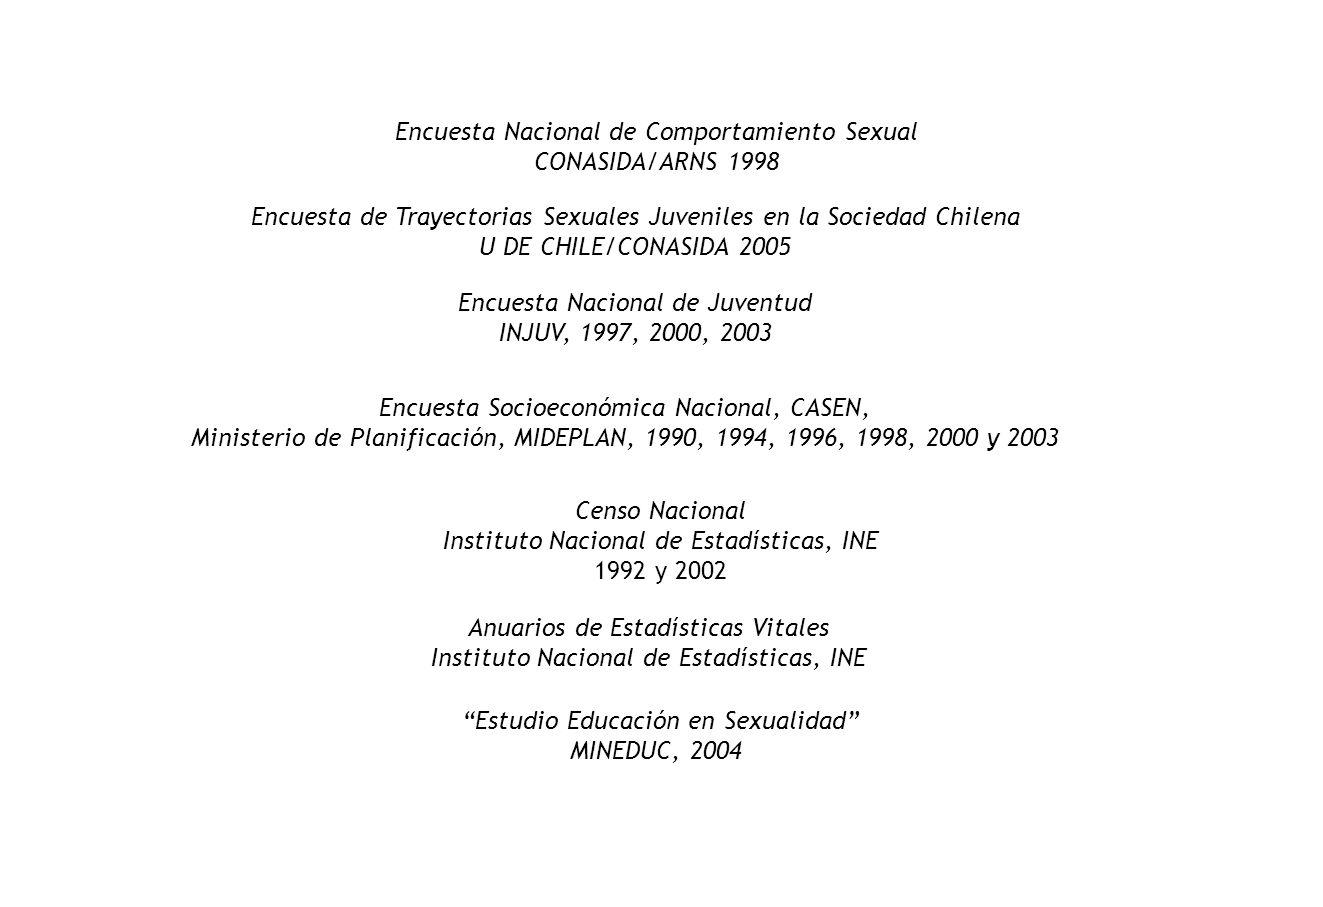 Encuesta de Trayectorias Sexuales Juveniles en la Sociedad Chilena U DE CHILE/CONASIDA 2005 Encuesta Nacional de Comportamiento Sexual CONASIDA/ARNS 1